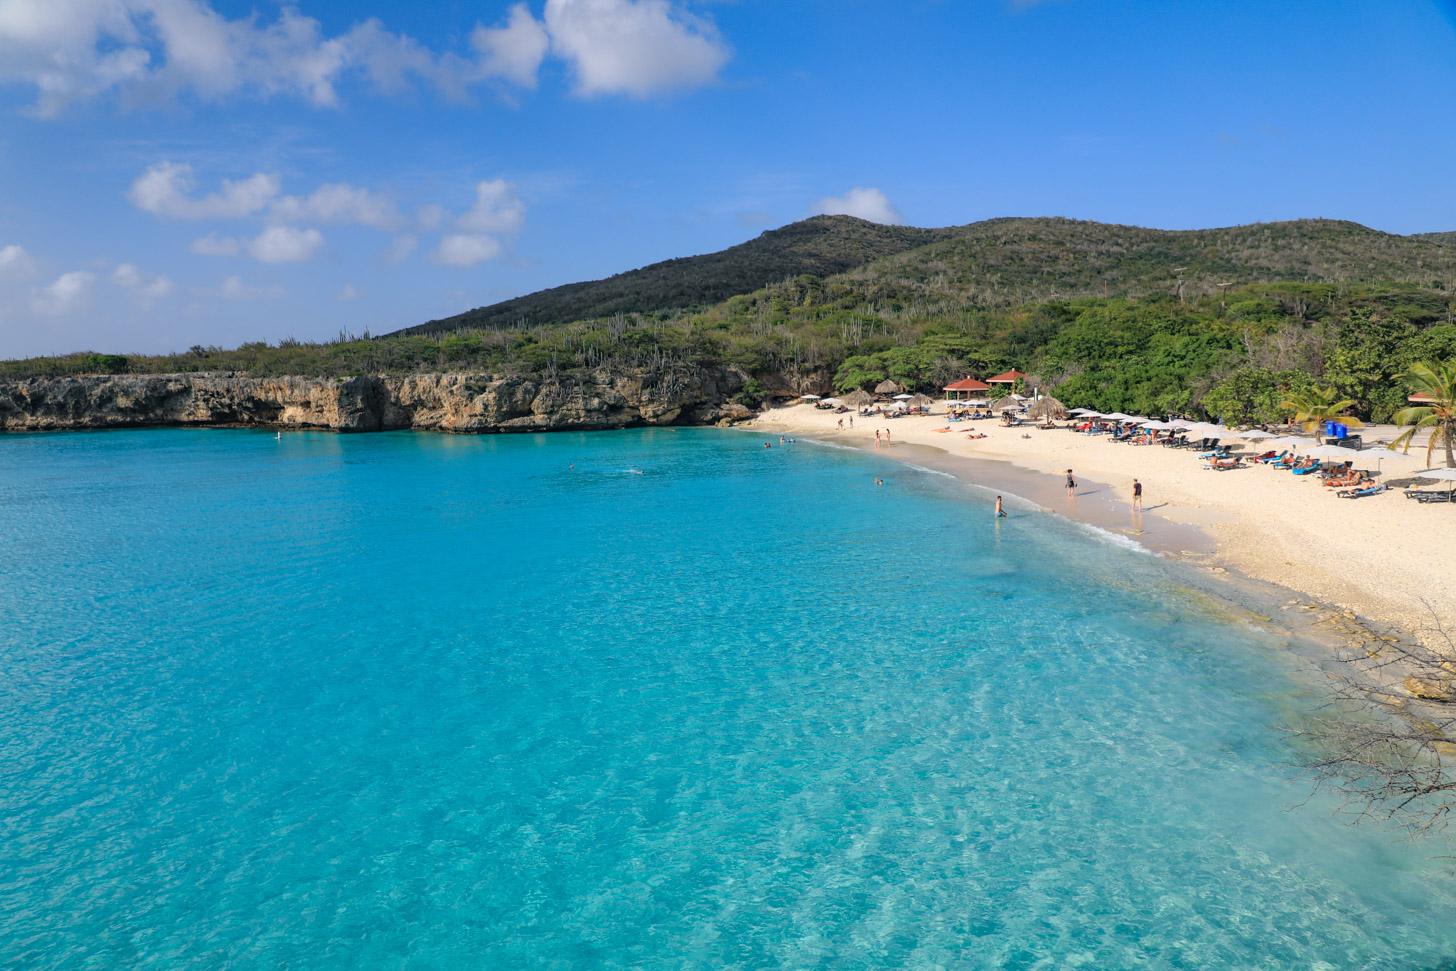 Grote Knip behoort tot de populairste stranden van Curacao.